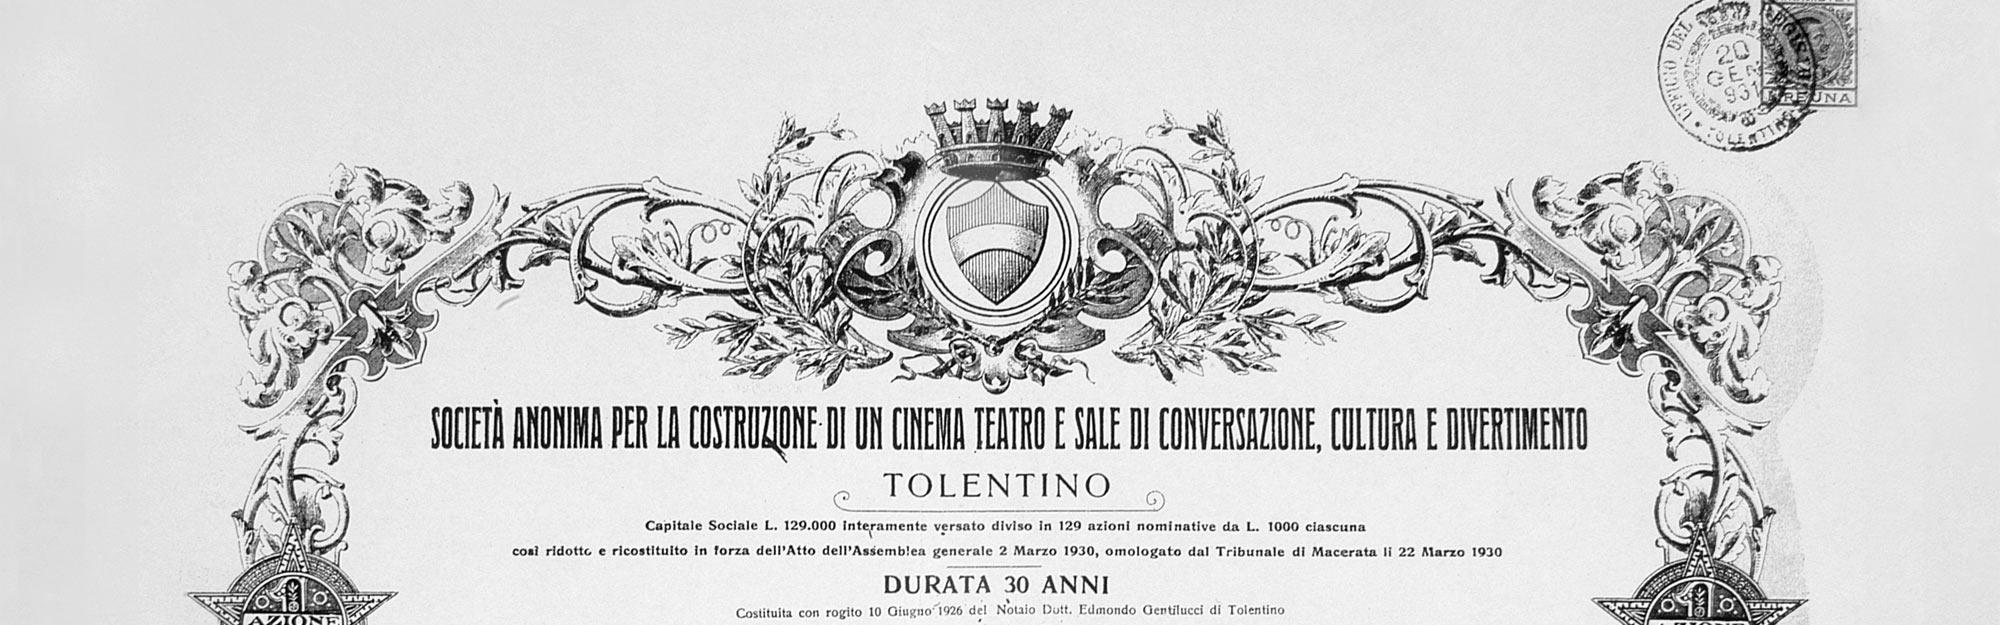 Società - Politeama Tolentino